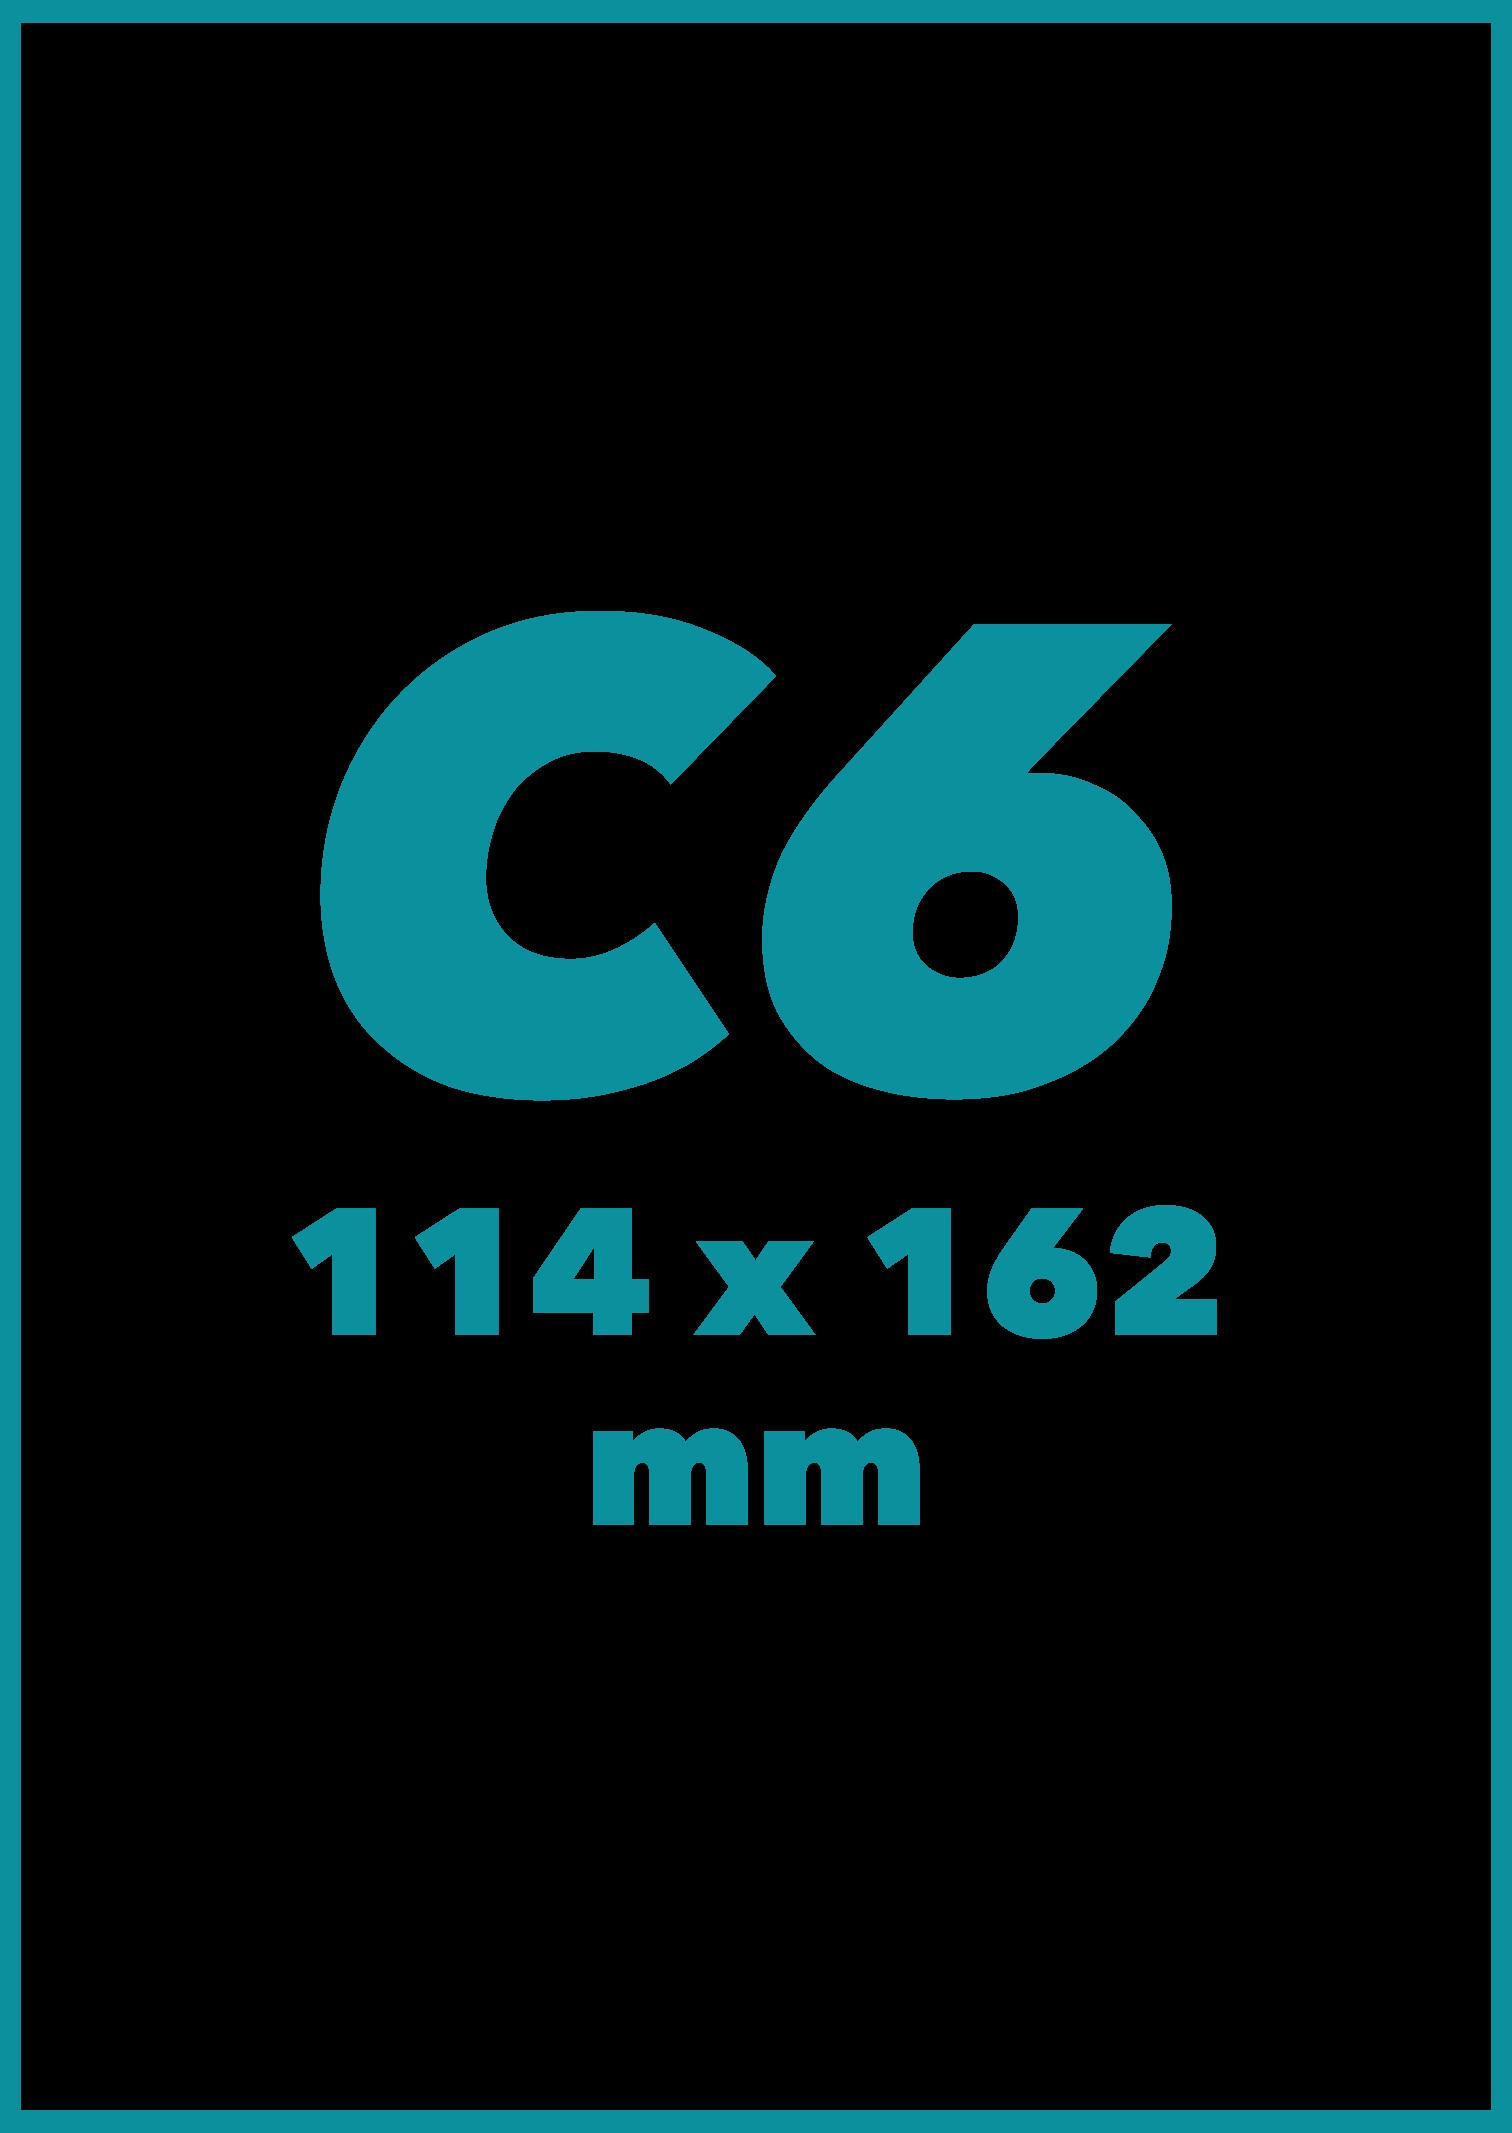 C6 Formatas